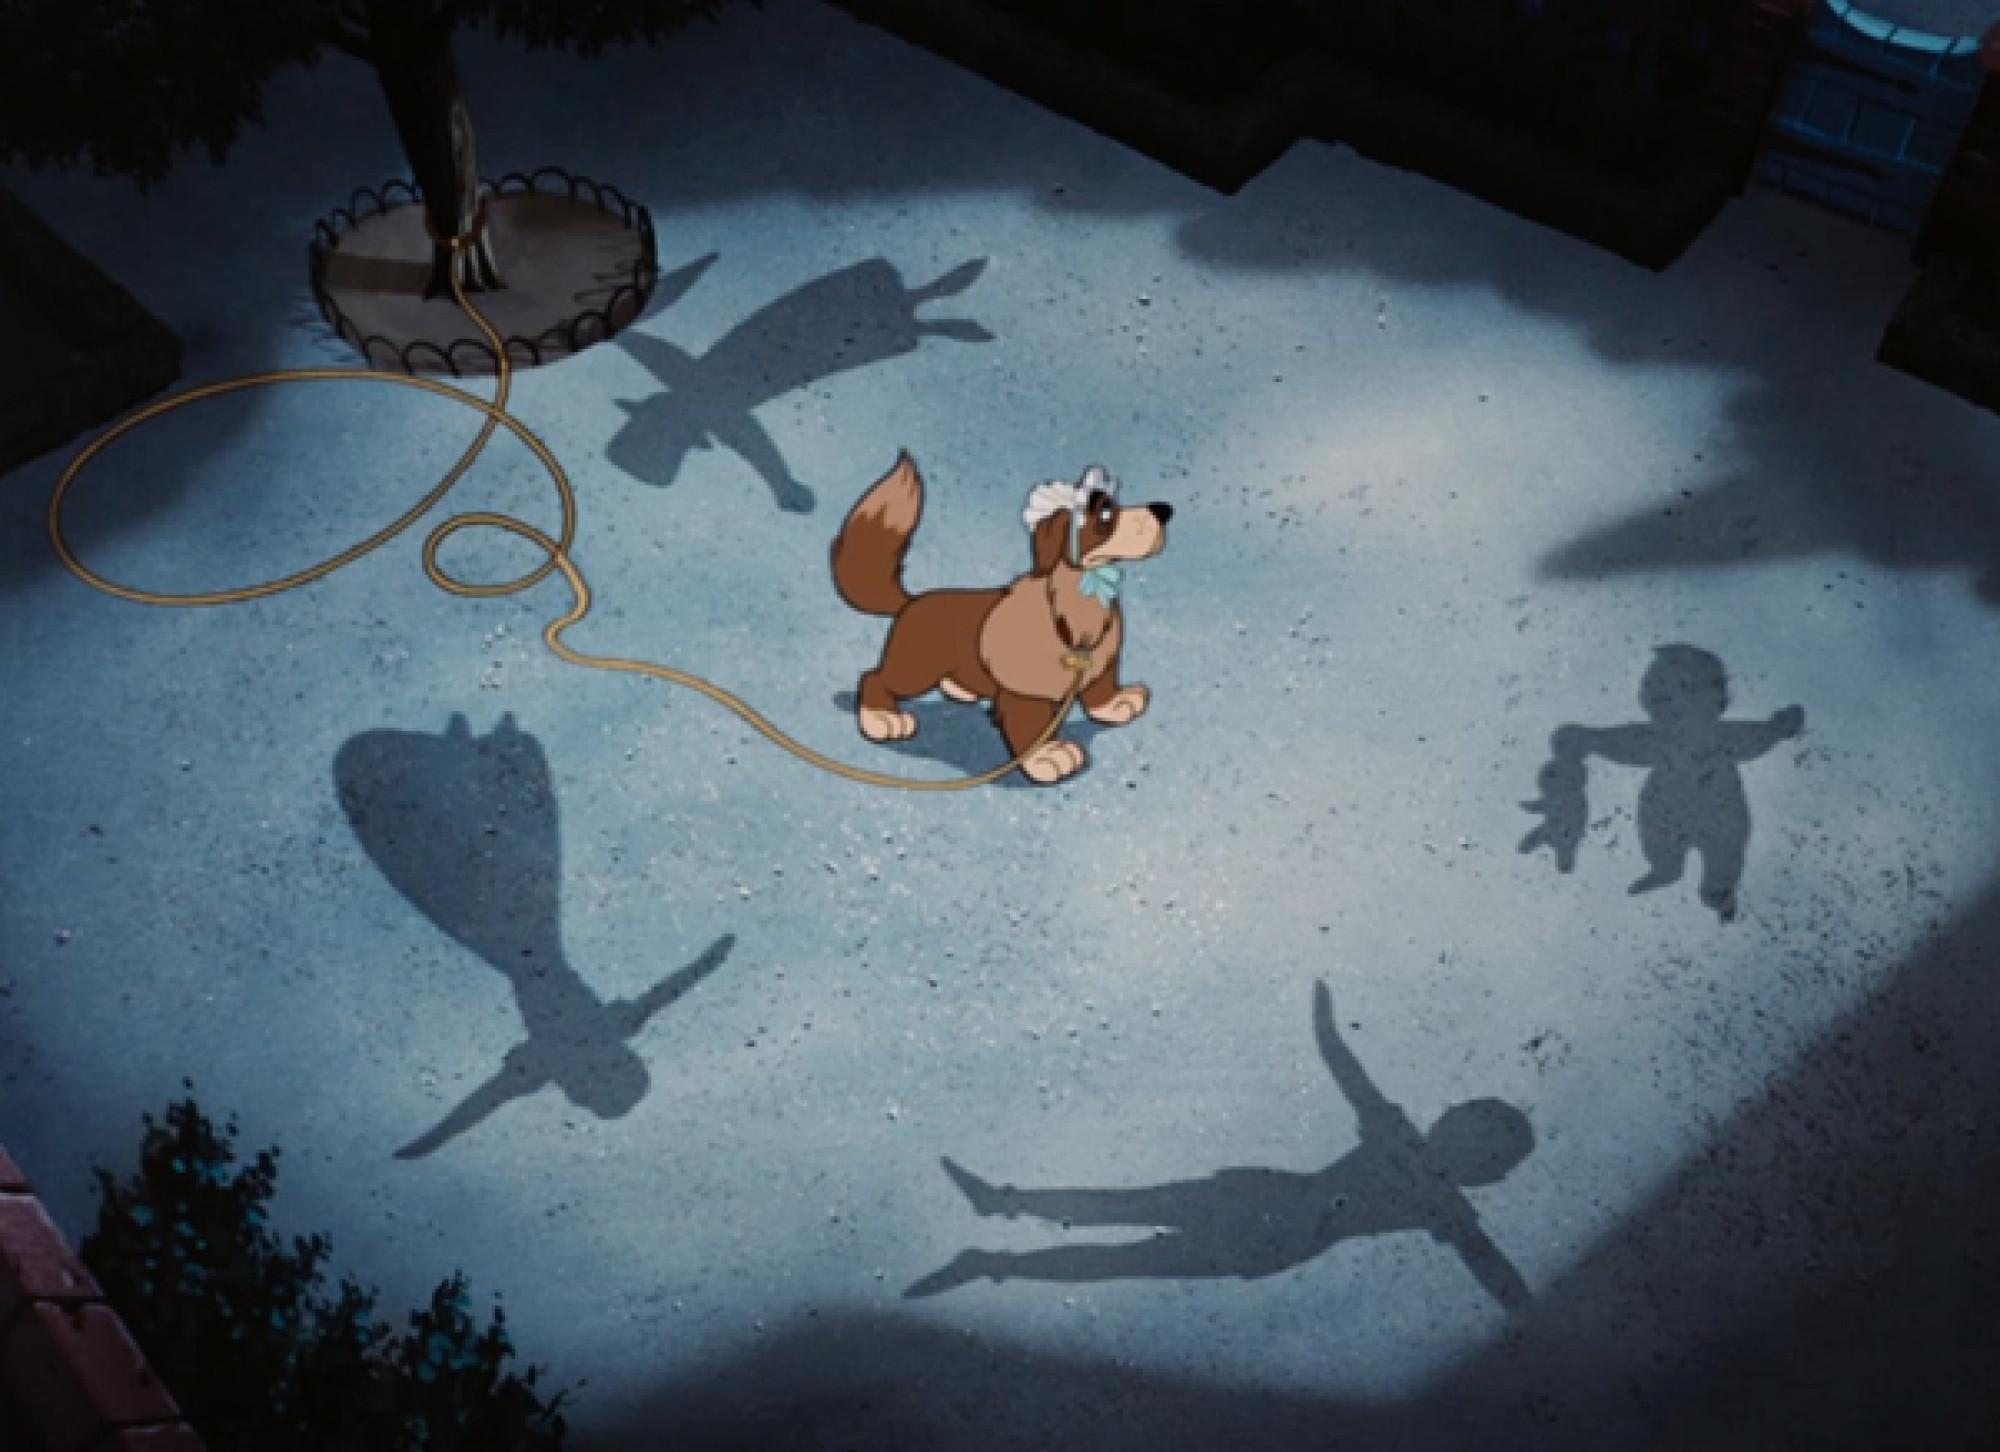 『ピーターパン』の名言⑥:You can fly!